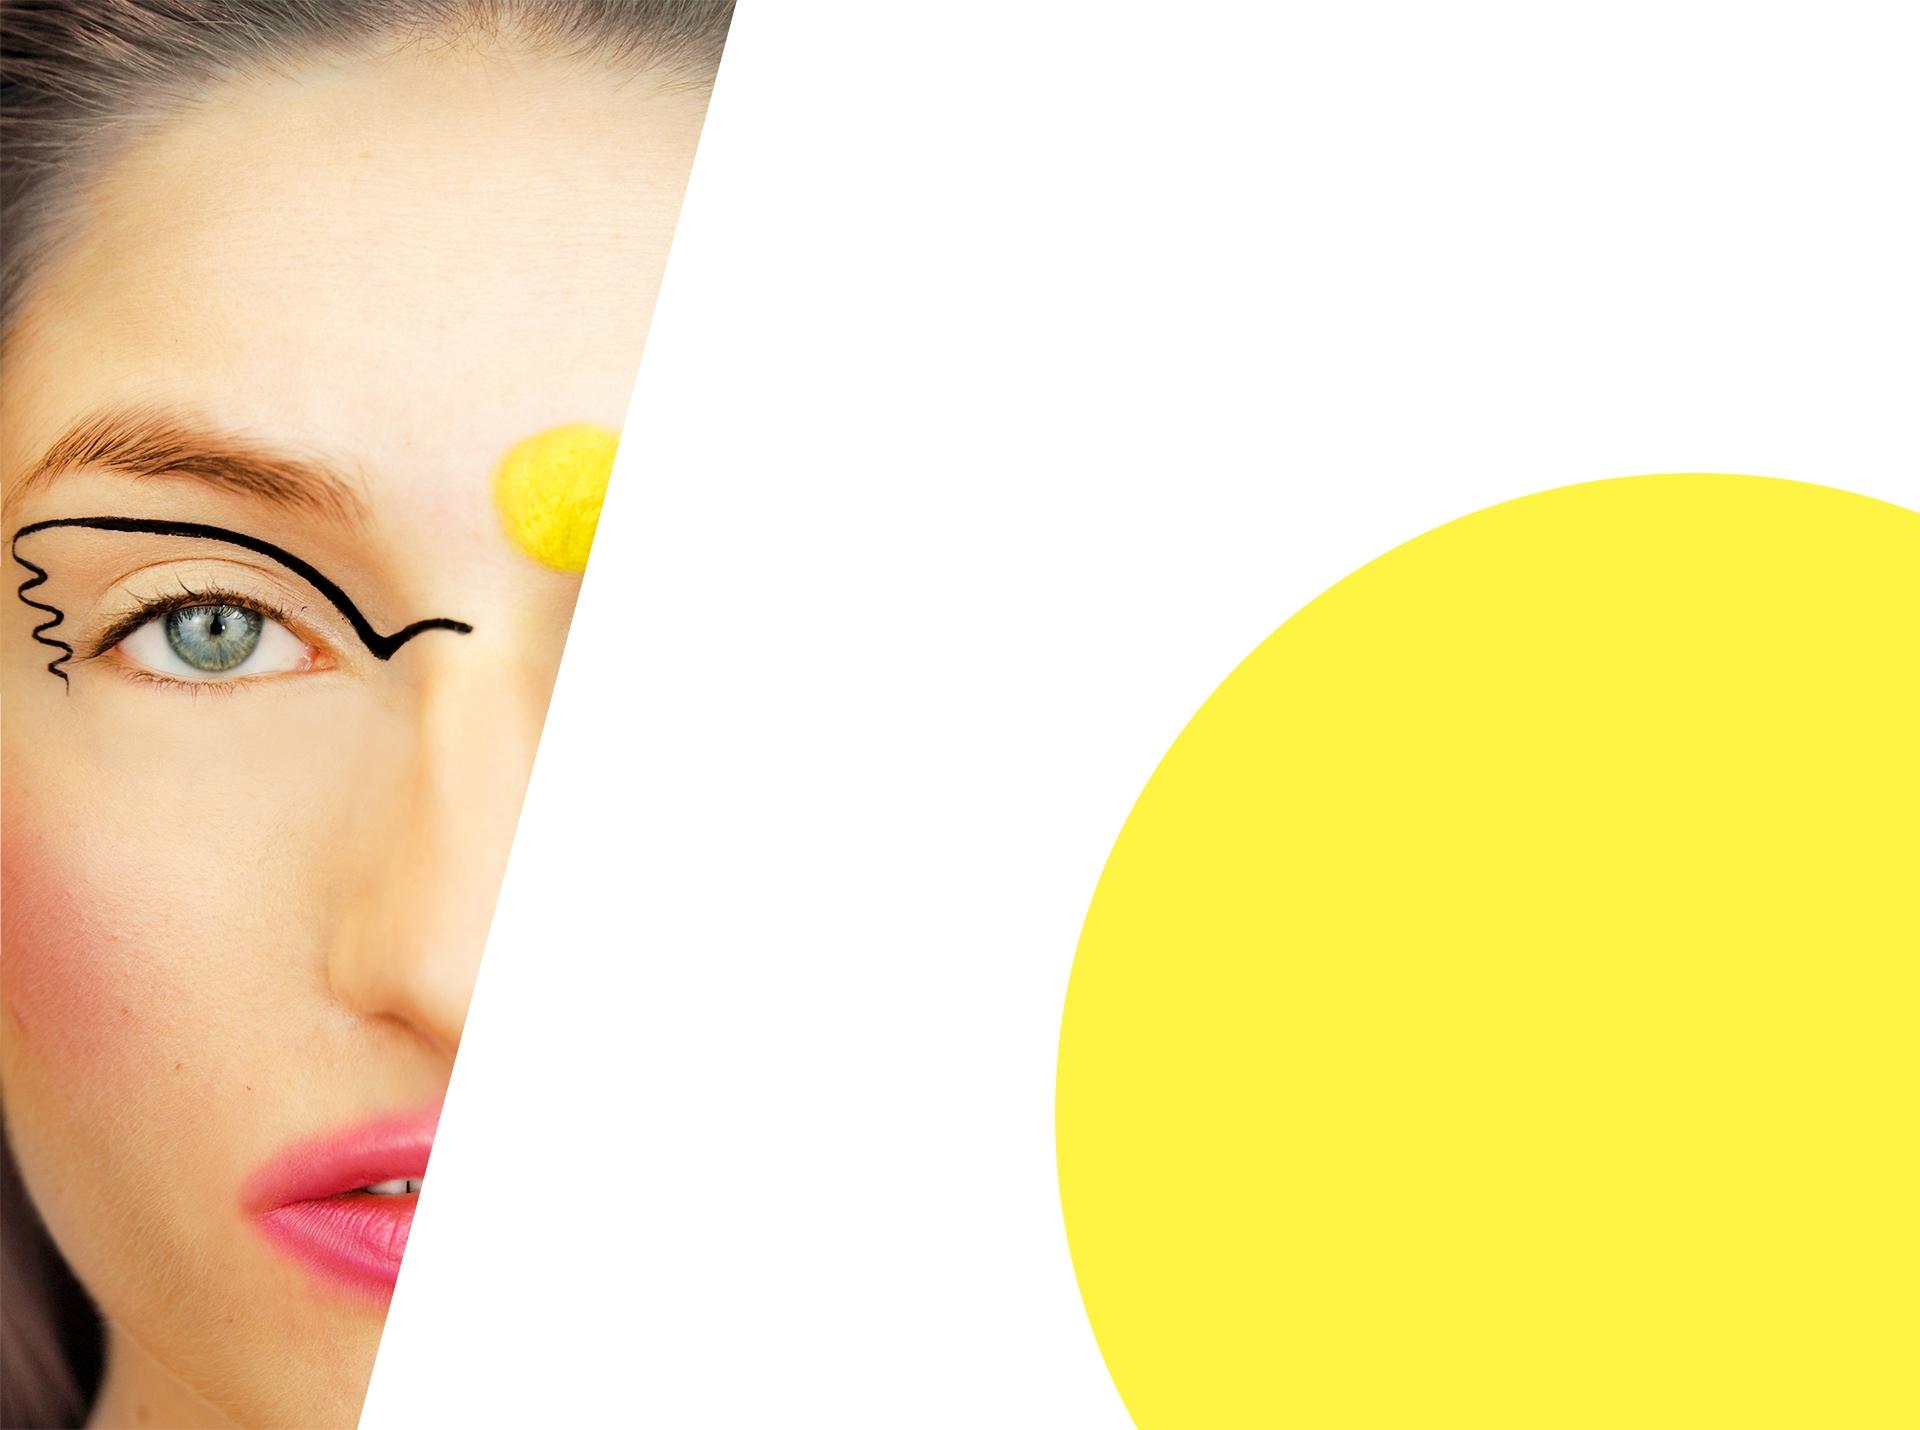 Zdjęcie przedstawia połowę twarzy kobiety w artystycznym makijażu, a obok widzimy wielkie żółte koło wystające poza kadr.